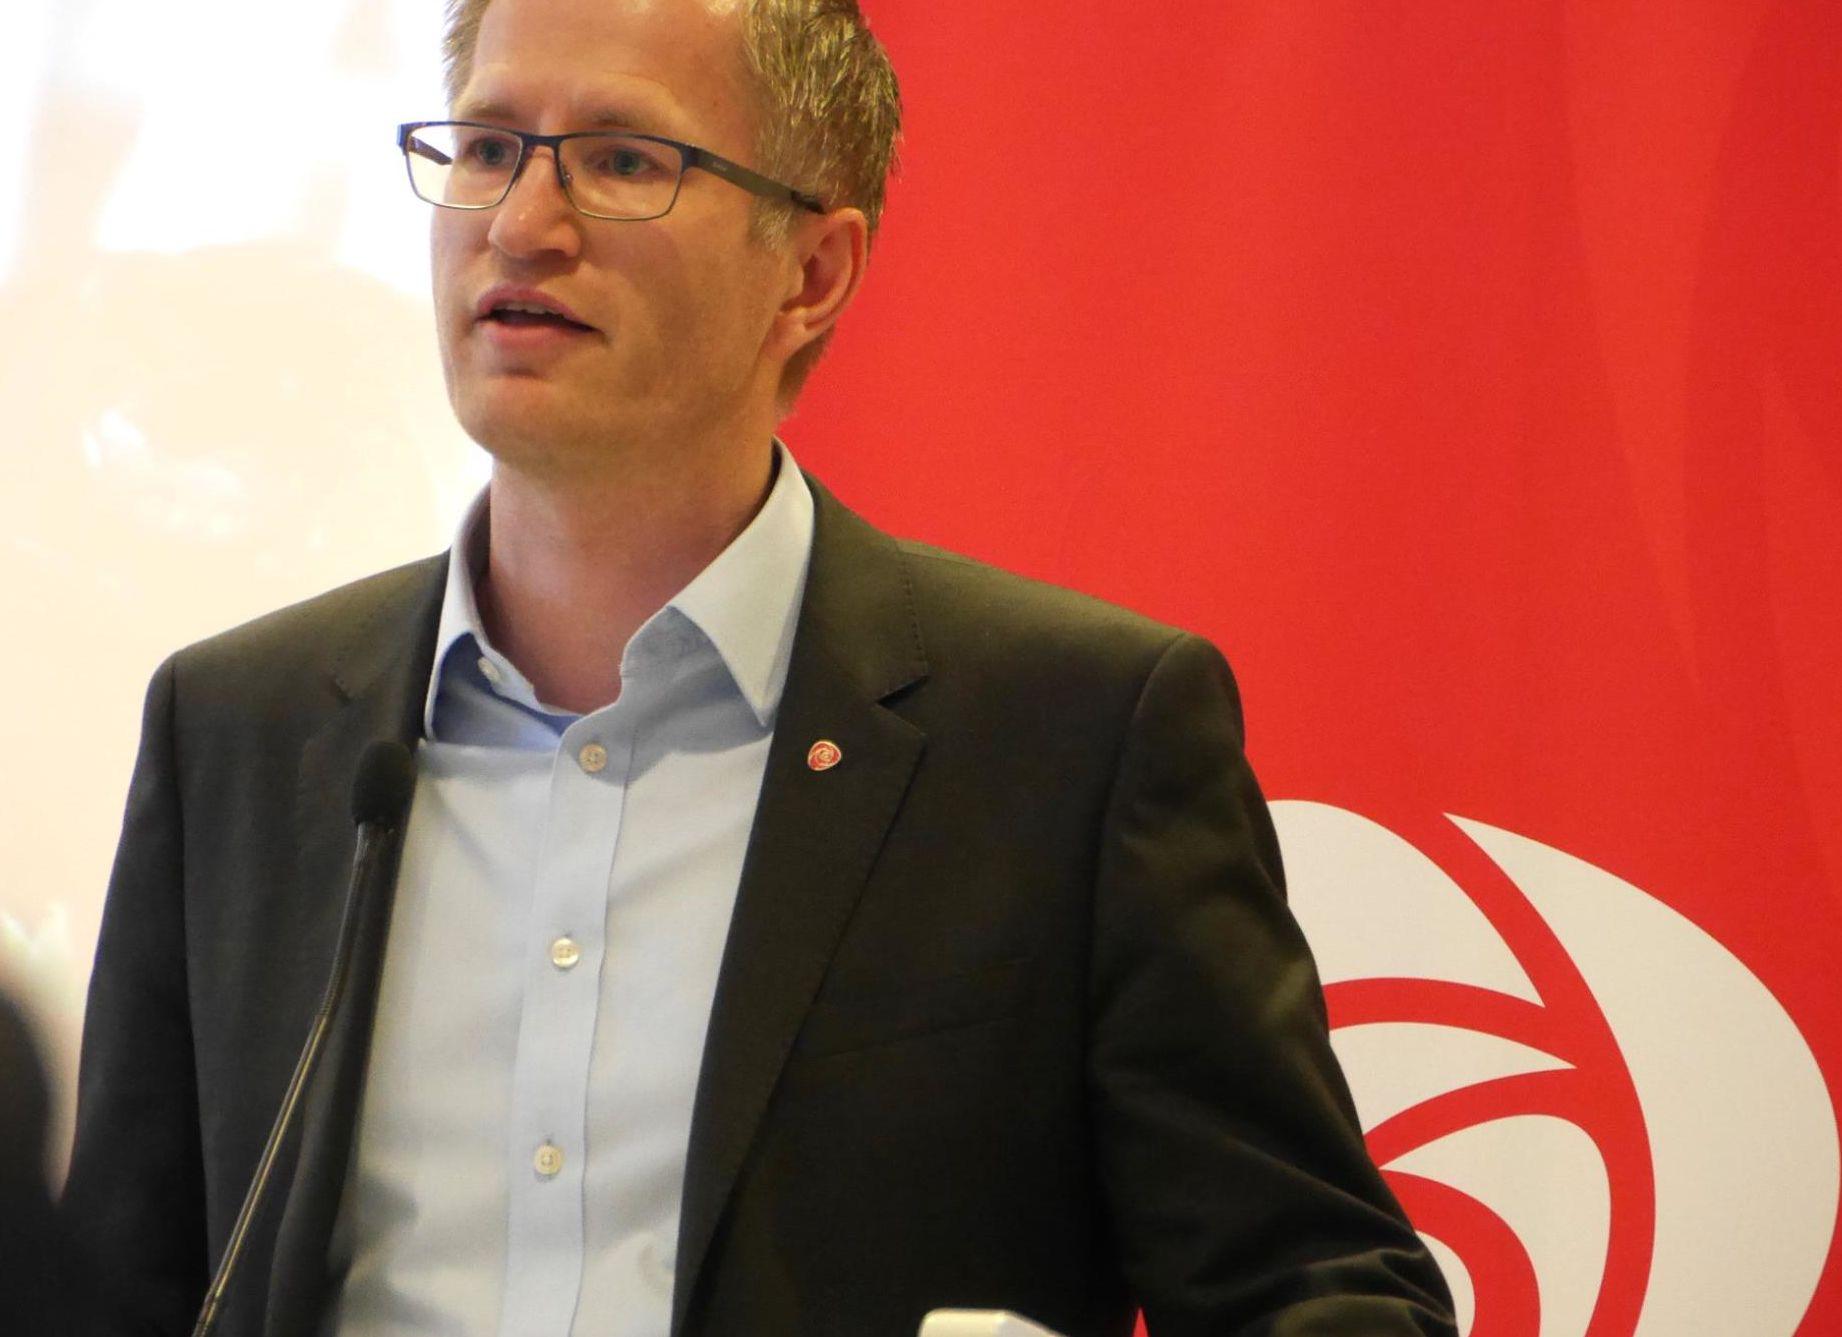 Ordfører Robert Cornels Nordli etterlyser tiltak fra regjeringen til å løse levekårsutfordringene i Arendal.